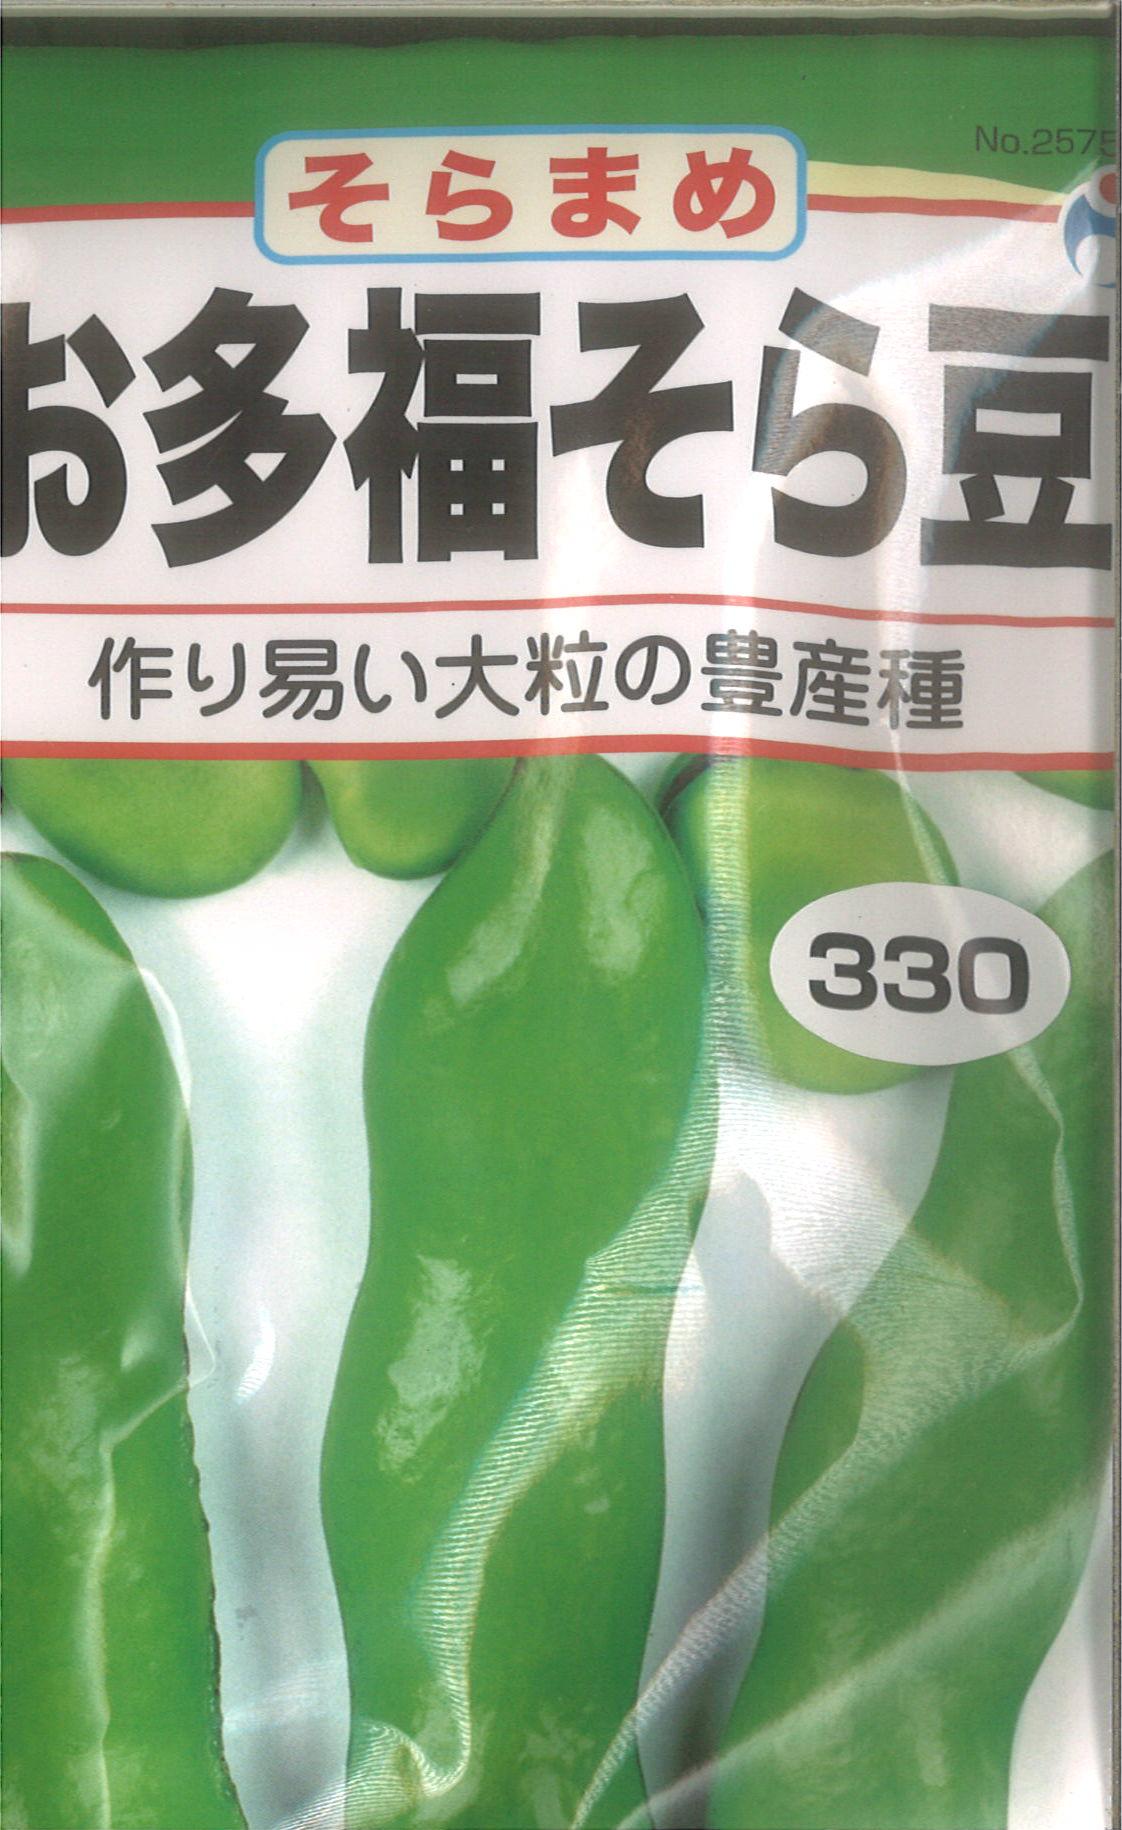 【代引不可】【5袋まで送料80円】 □ ソラマメ お多福そら豆L